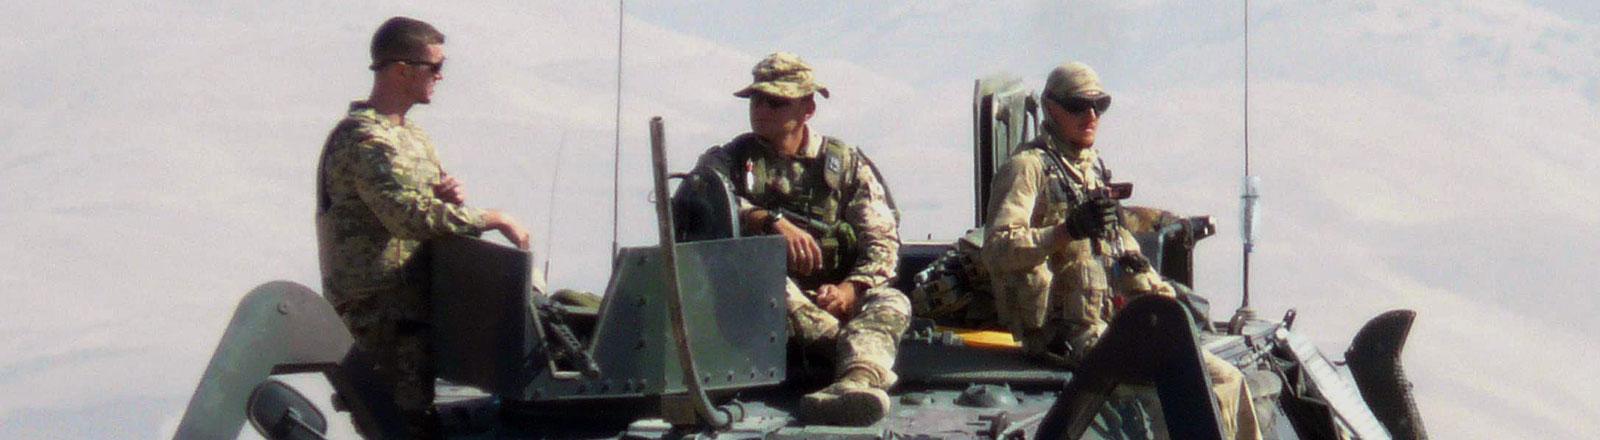 Bundeswehr-Soldaten im Einsatz in Afghanistan